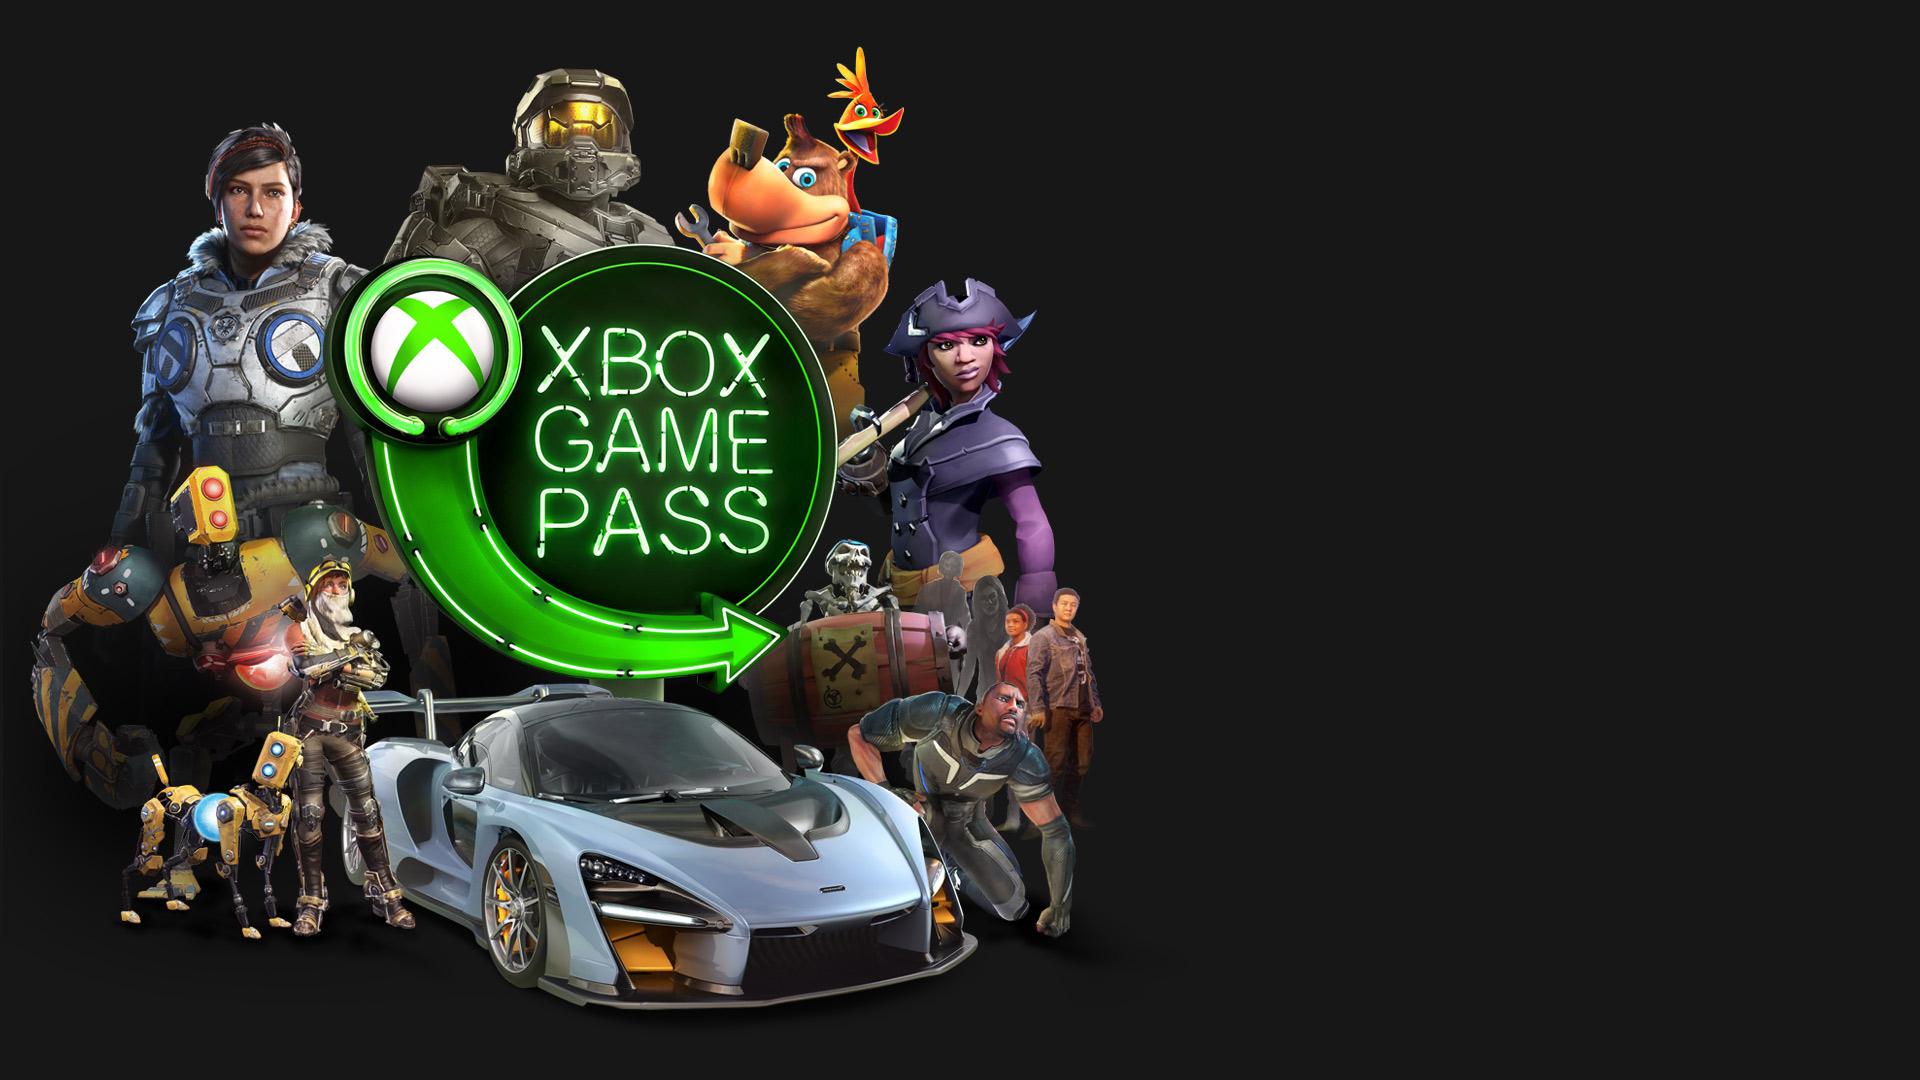 Skupina různých herní postav obklopujících logo Xbox Game Pass v zeleném neonu